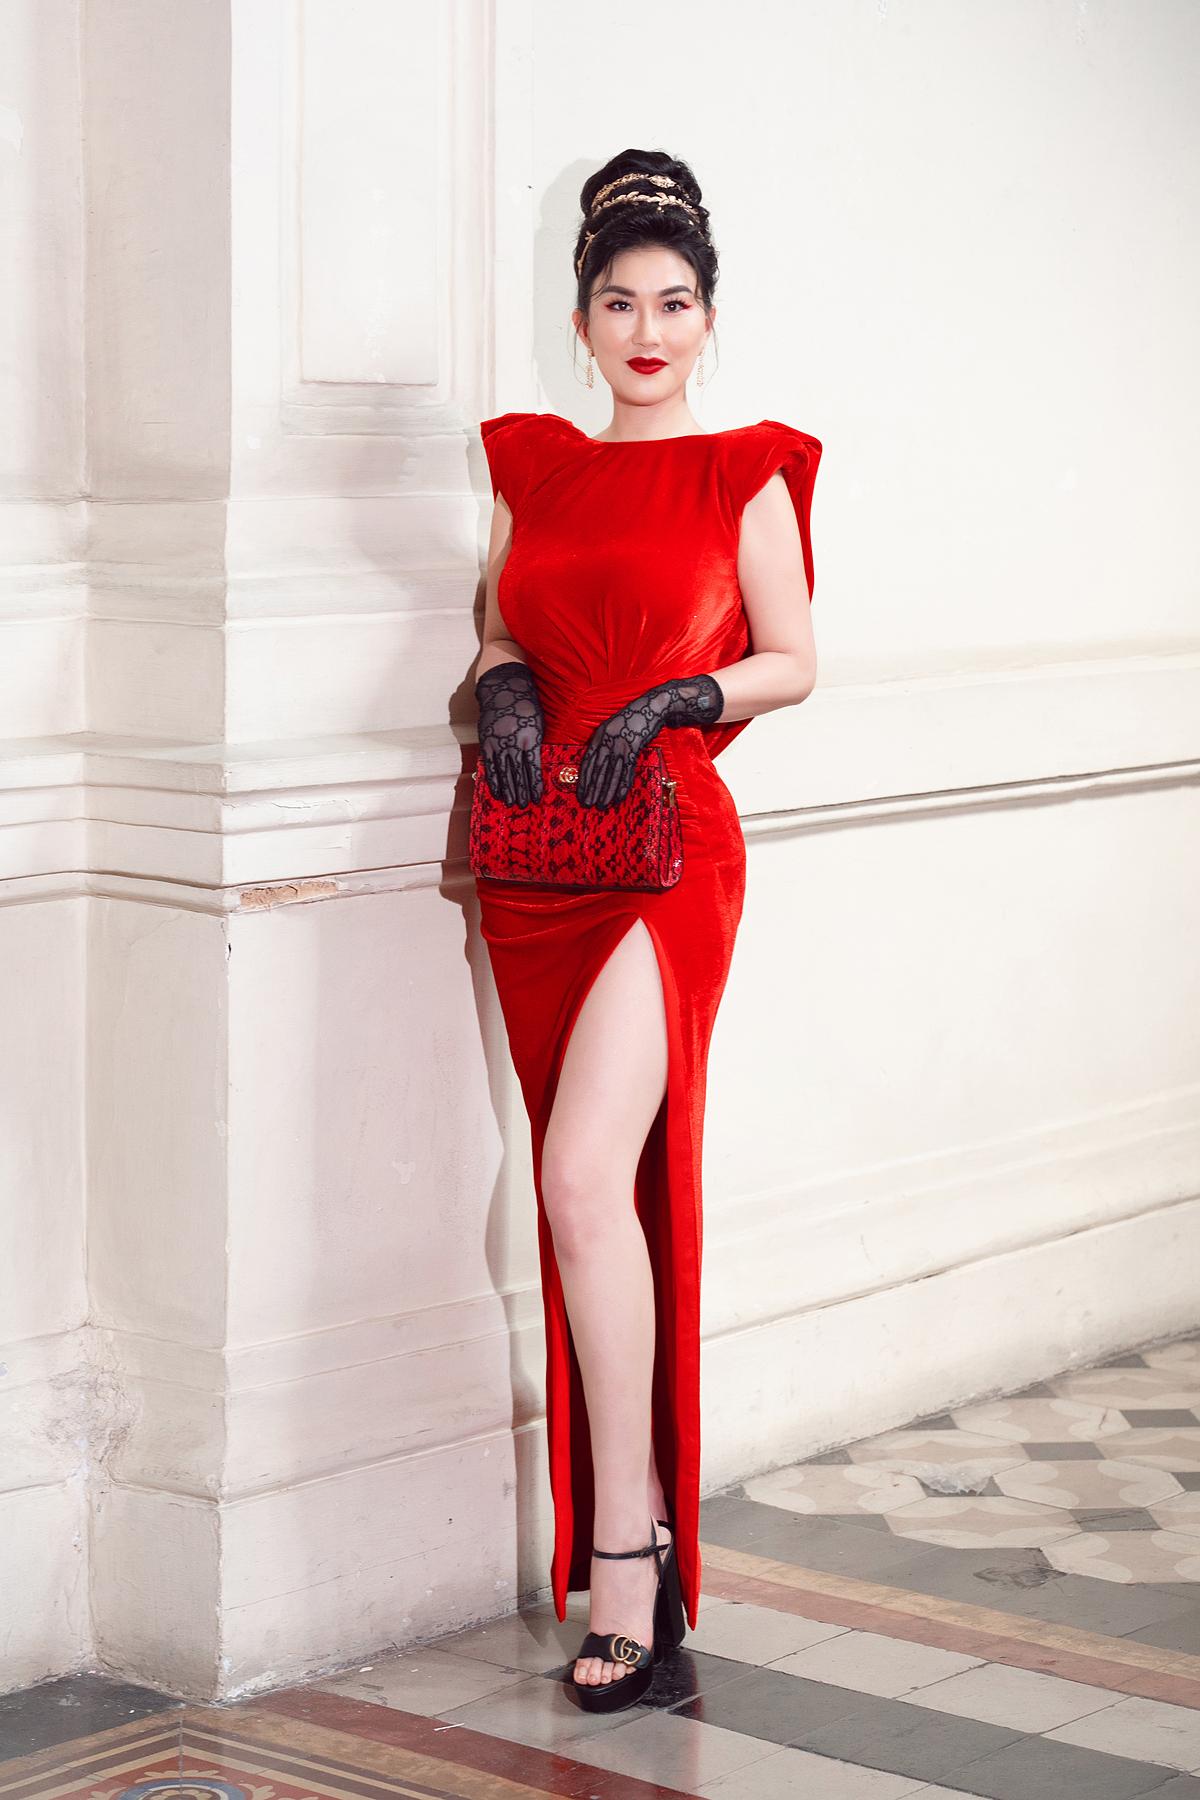 Nữ doanh nhân kết hợp váy nhung đỏ độn vai và găng tay Gucci mang kiểu dáng cổ điển cùng lối trang điểm nổi bật với màu son đỏ tươi, bới tóc cao.